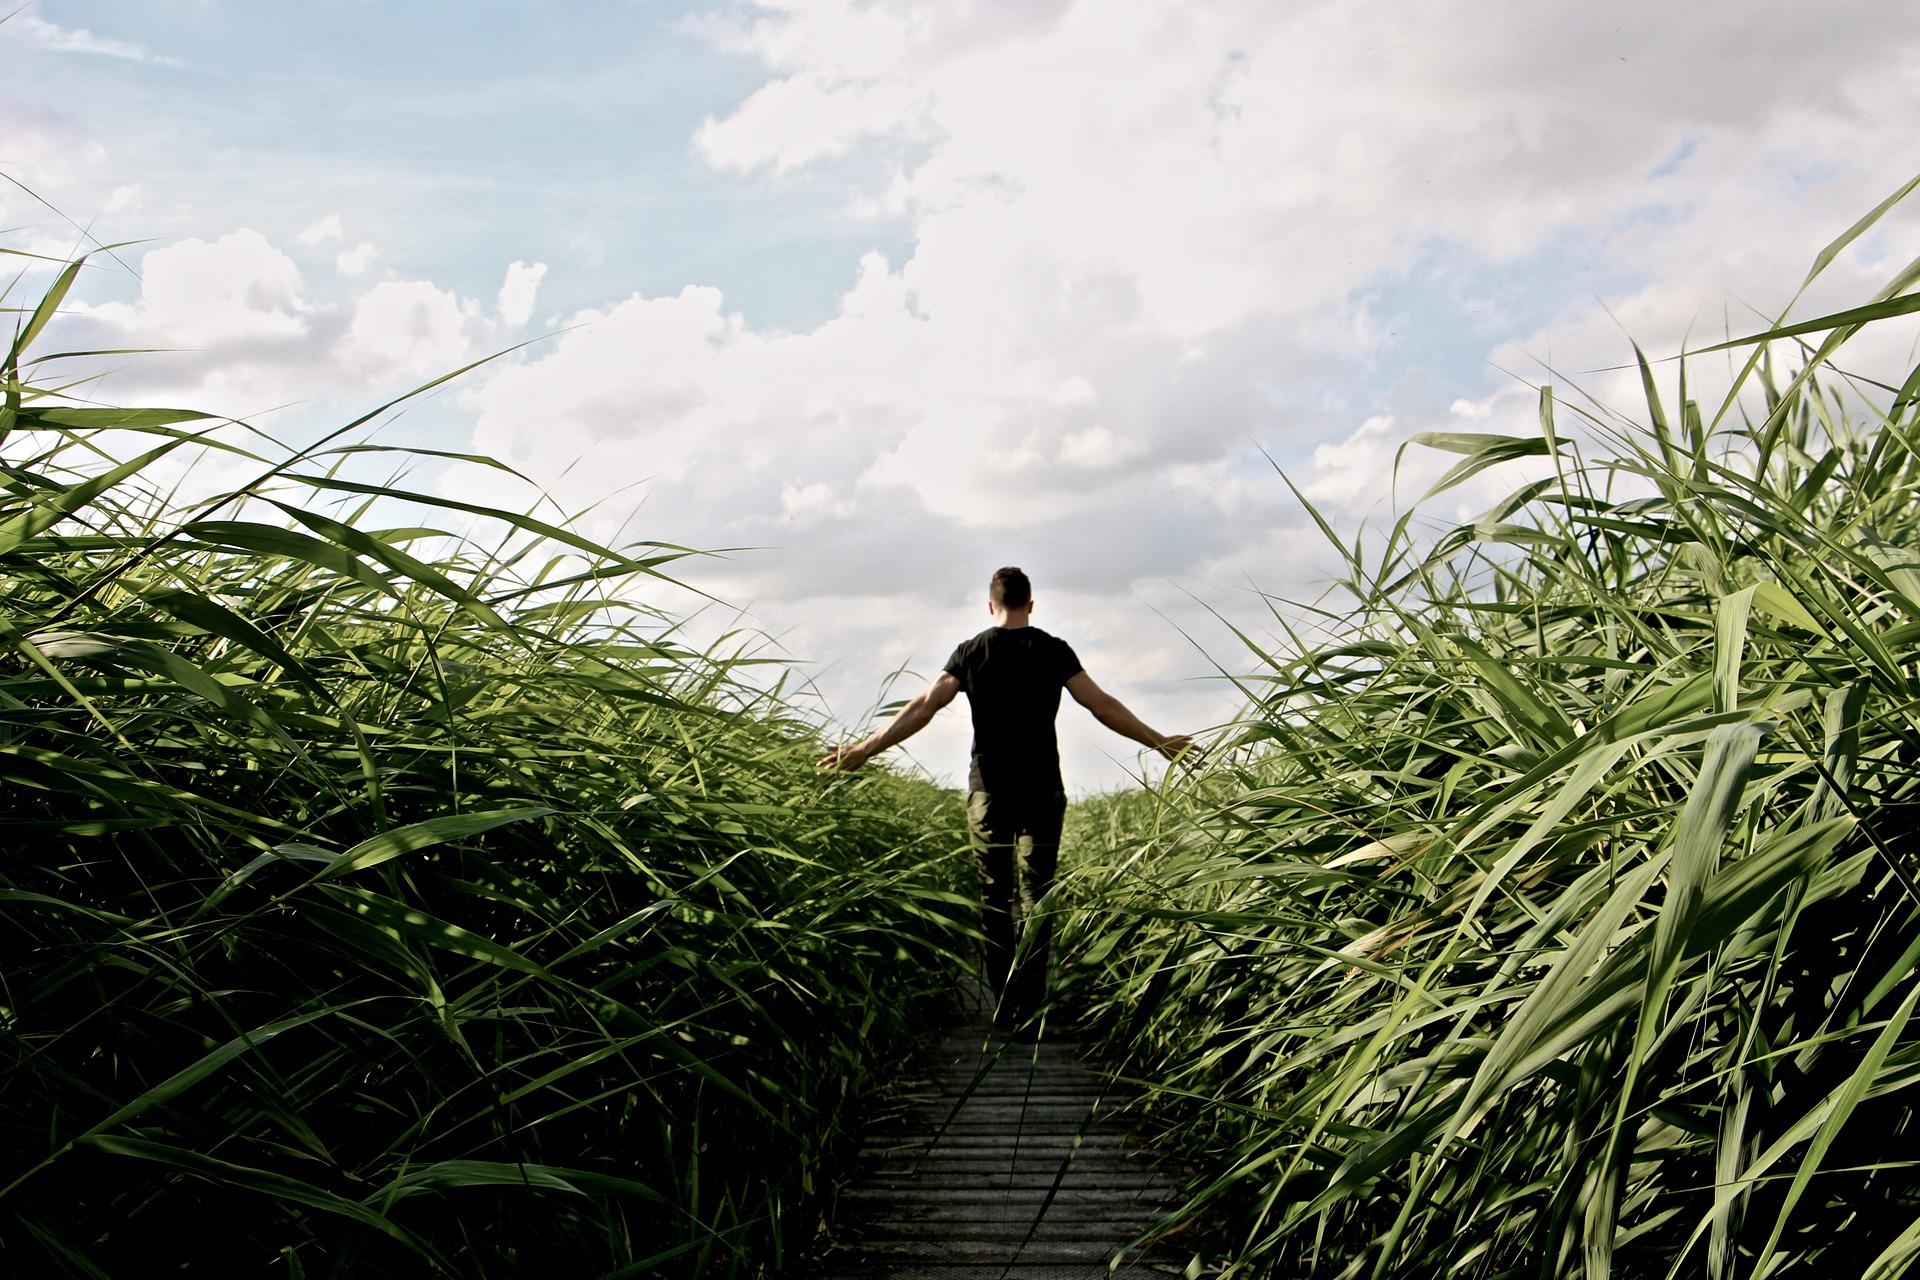 uomo, PRADO, campo, erba, rilassarsi - Sfondi HD - Professor-falken.com